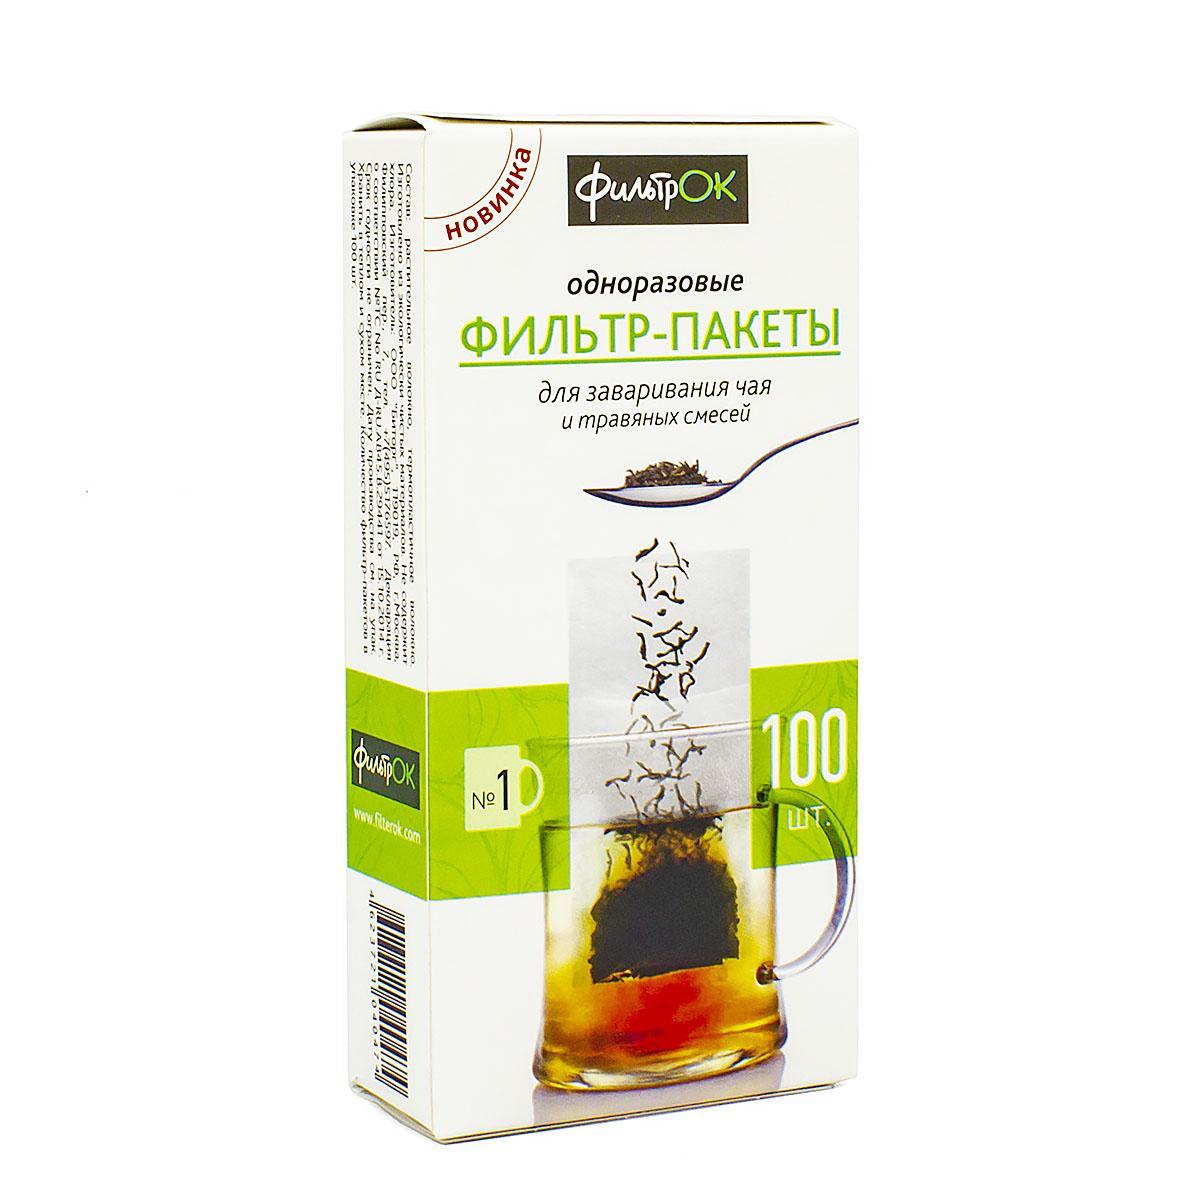 Фильтры для заваривания чая ФильтрОК, размер S (100 шт.) кружка для заваривания чая rosenberg 0 3 л голубой